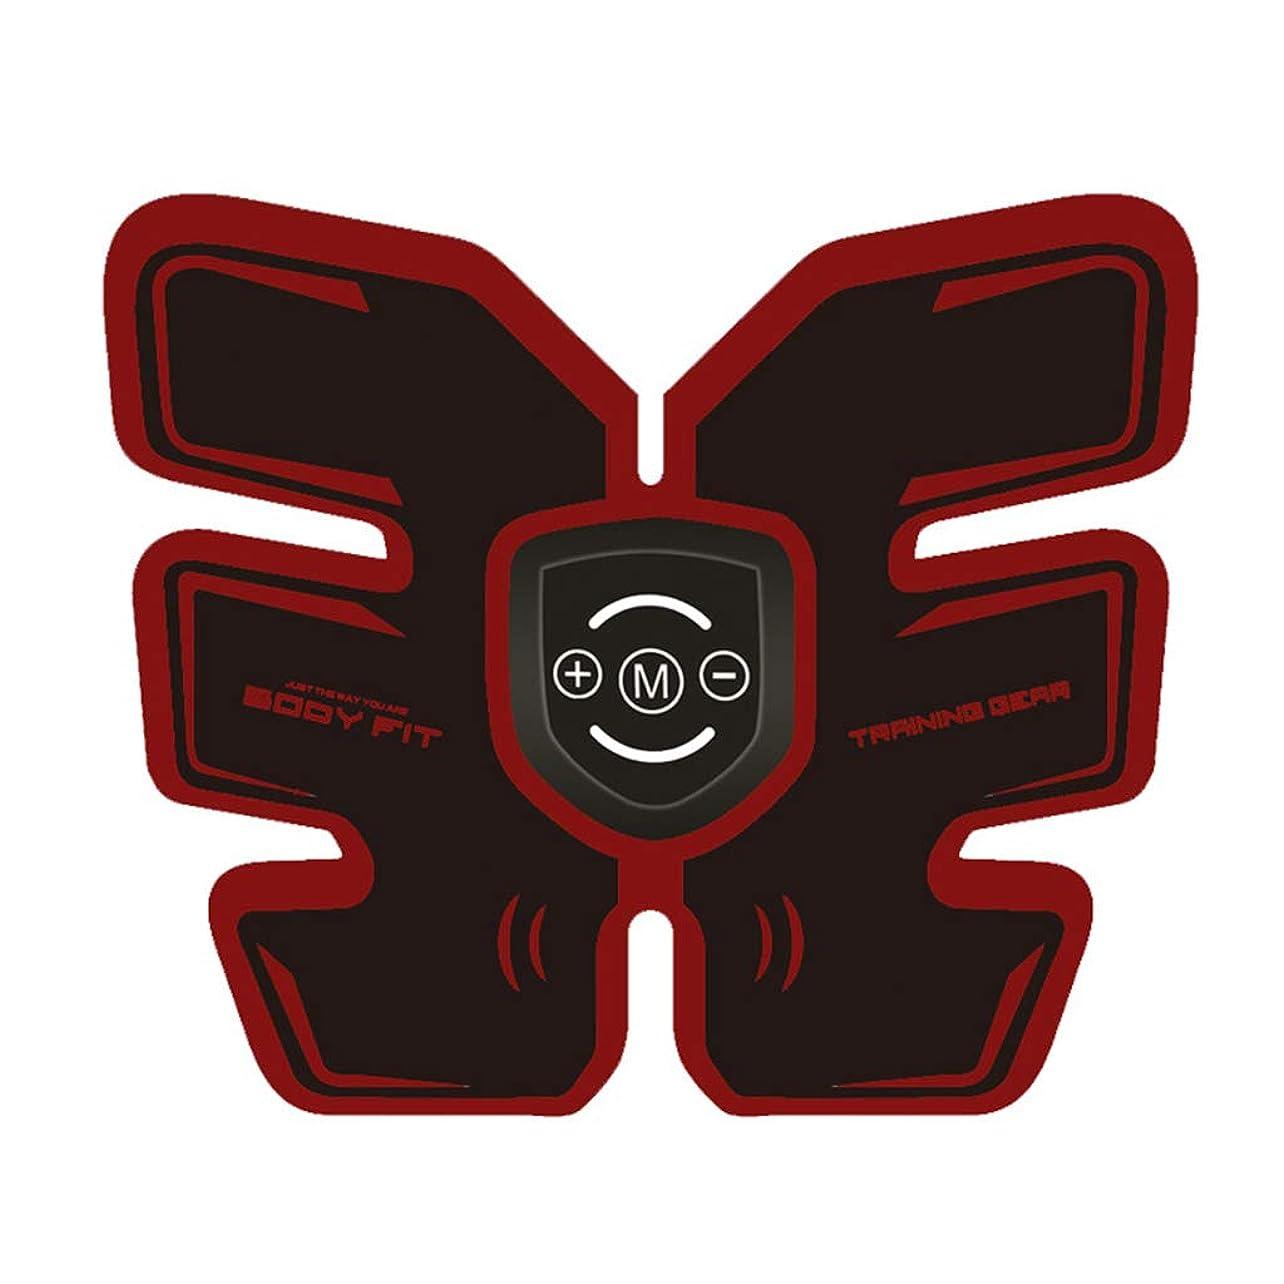 毛布ダイヤモンドインスタンスフィットネス薄いベルト、ボディビルディング腹部ベルト筋肉腹部トレーナーホームインテリジェント筋肉トレーニングフィットネス機器ホームオフィスワークアウト機器機器用男性&女性 (Color : RED, Size : 19*20CM)